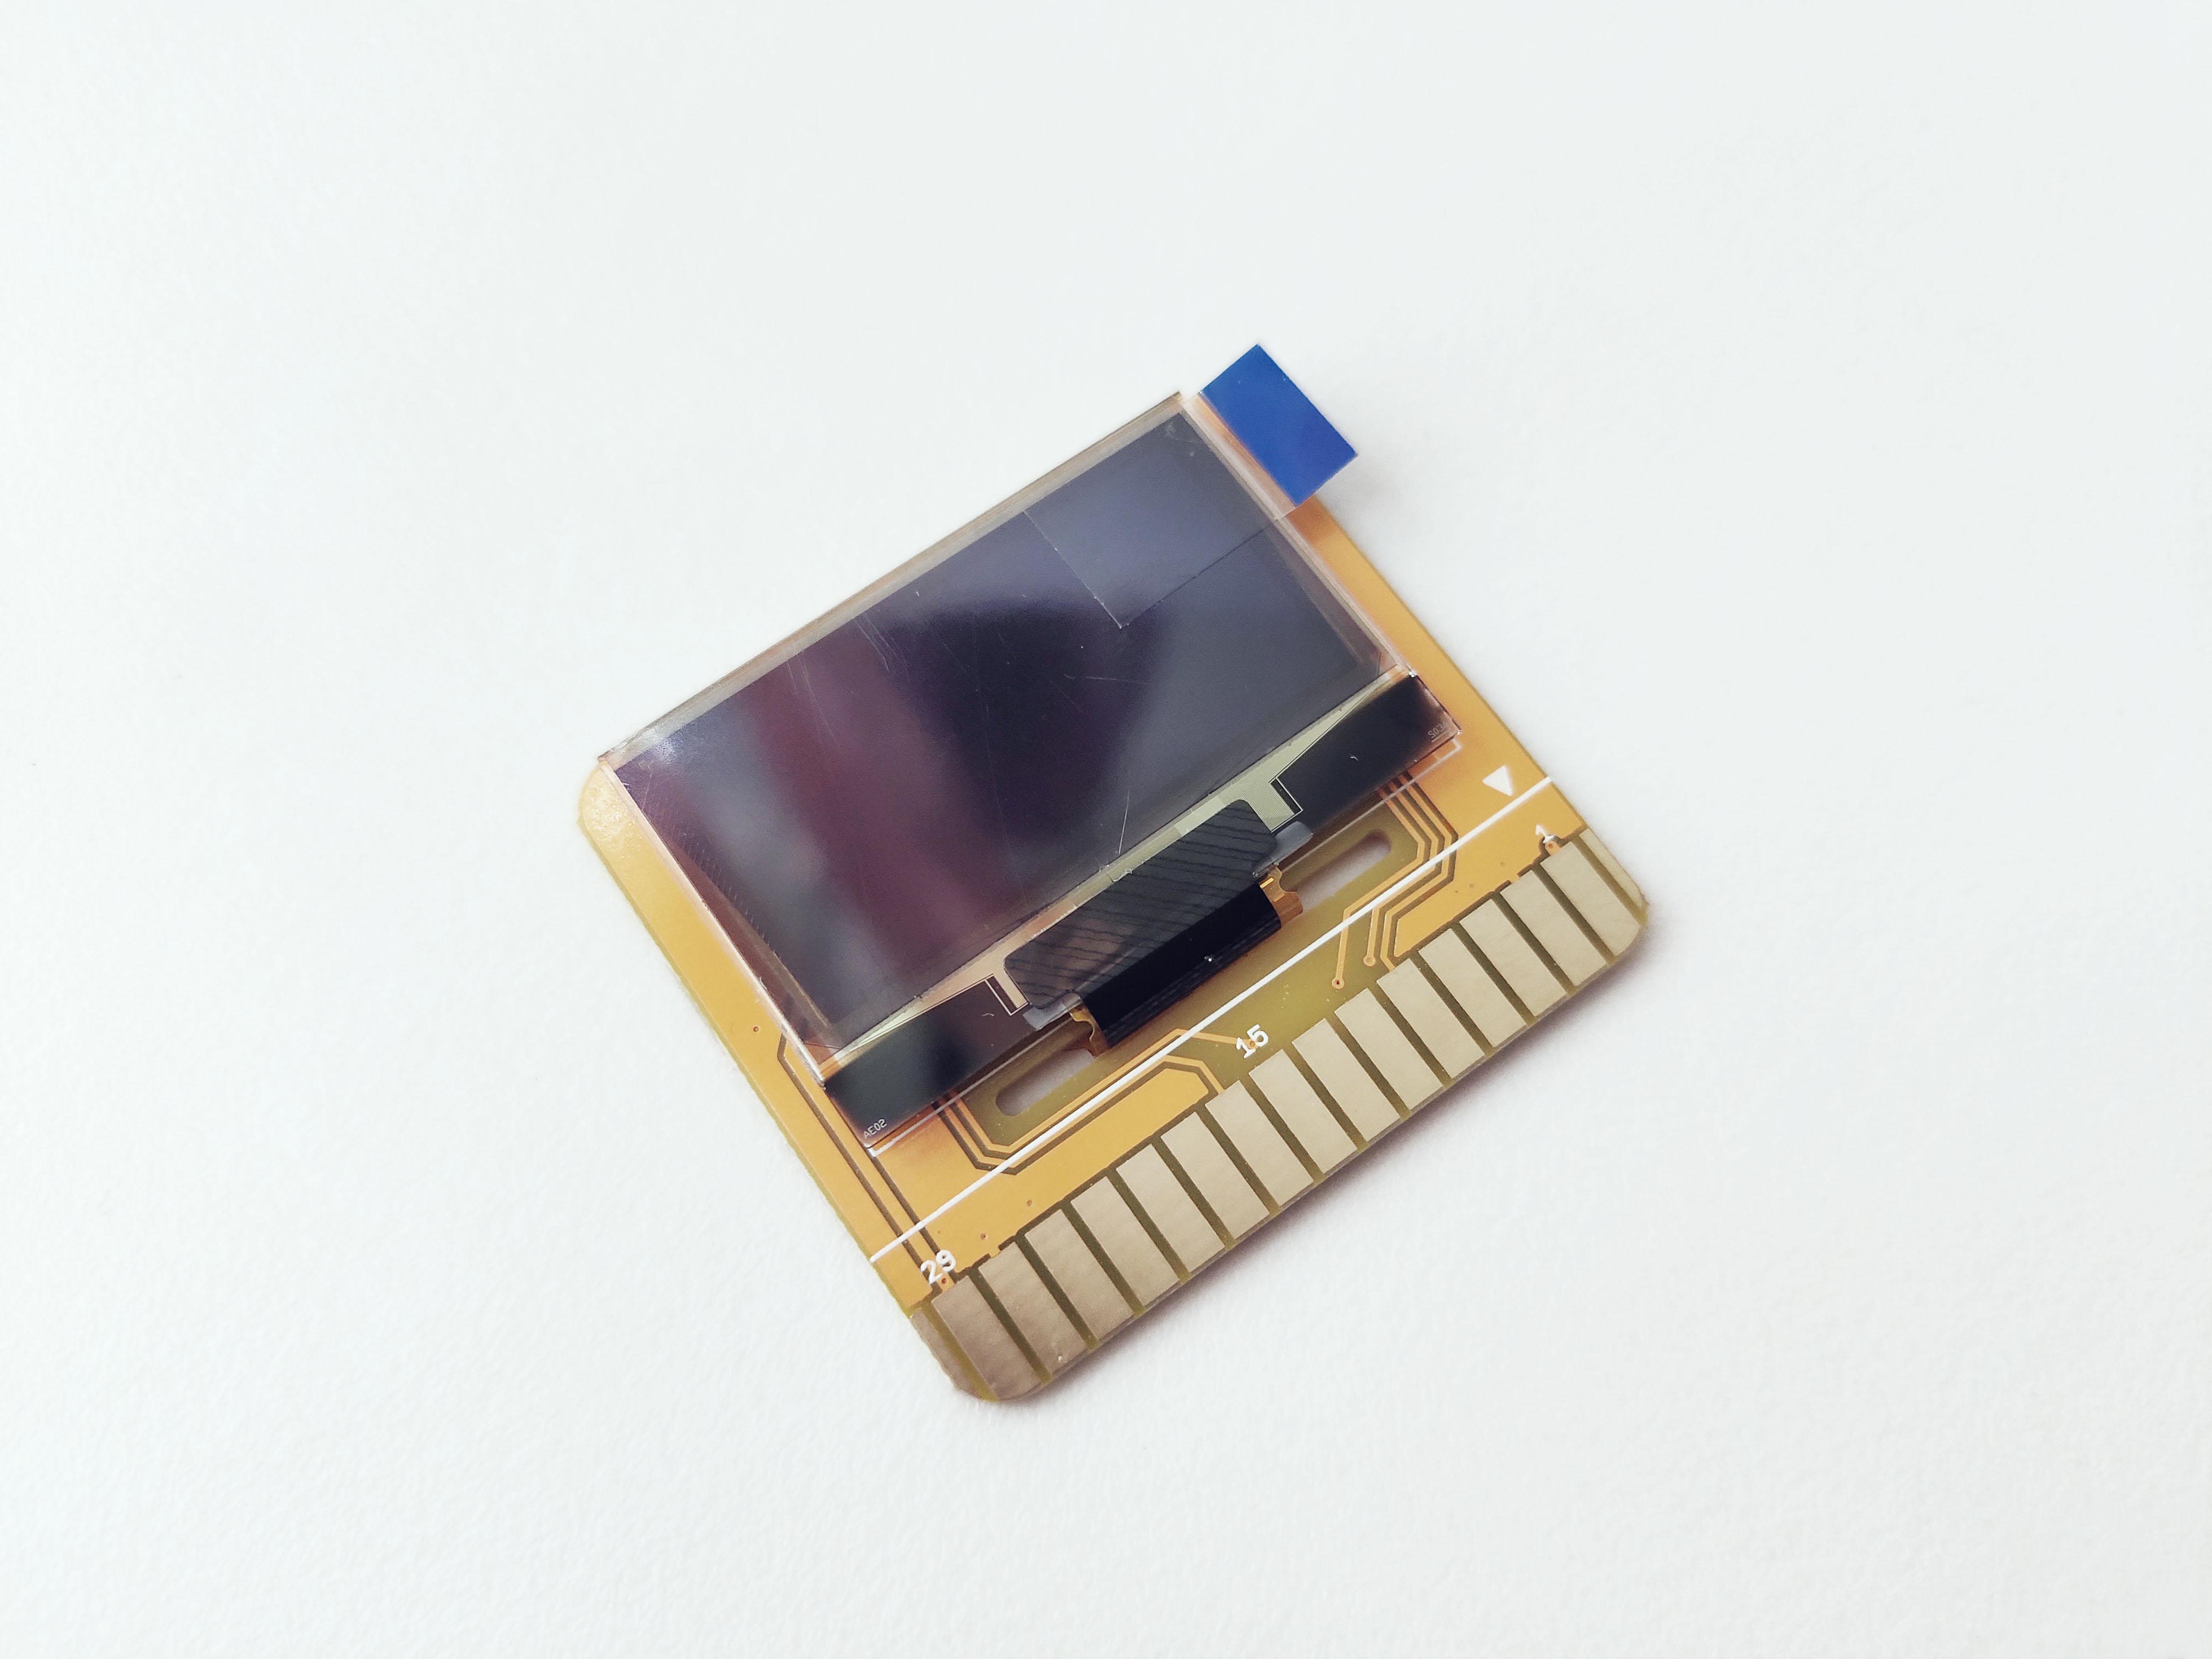 OLED Display Card - Longan Docs